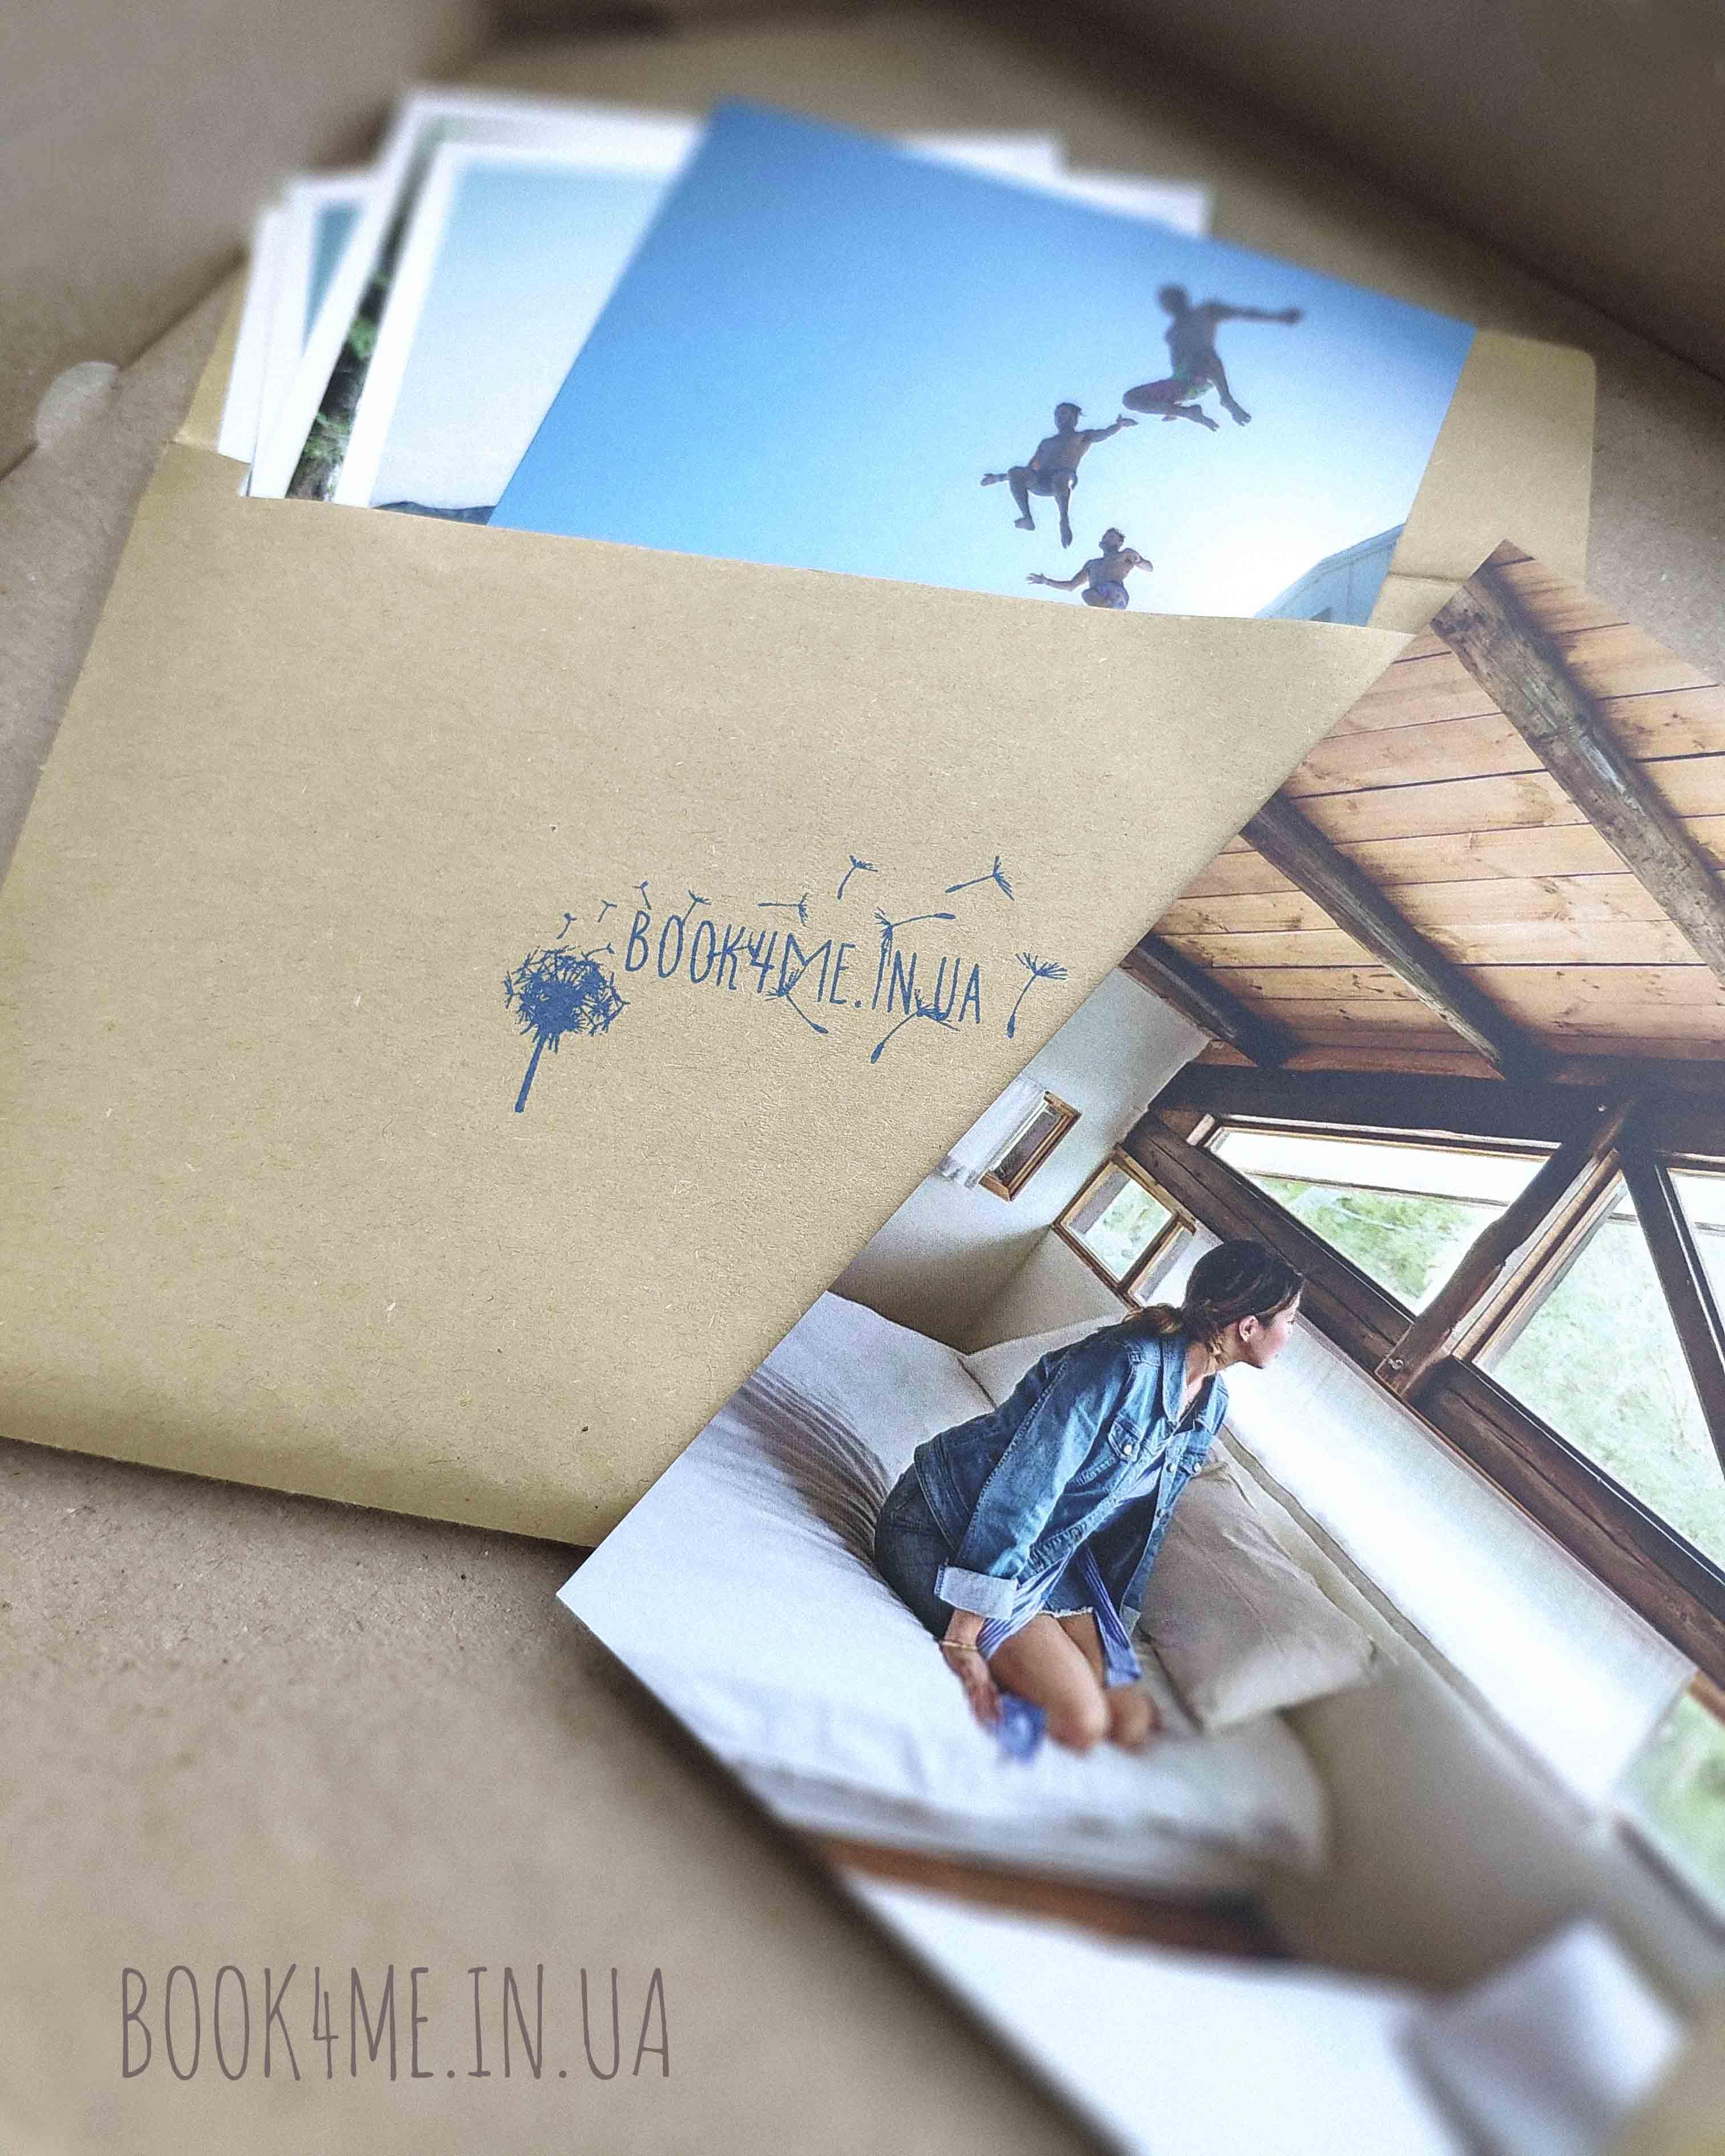 Печать фотокарточке, открыок, арт откріыок, журналов, фотожурналов фото книг Инстабук.